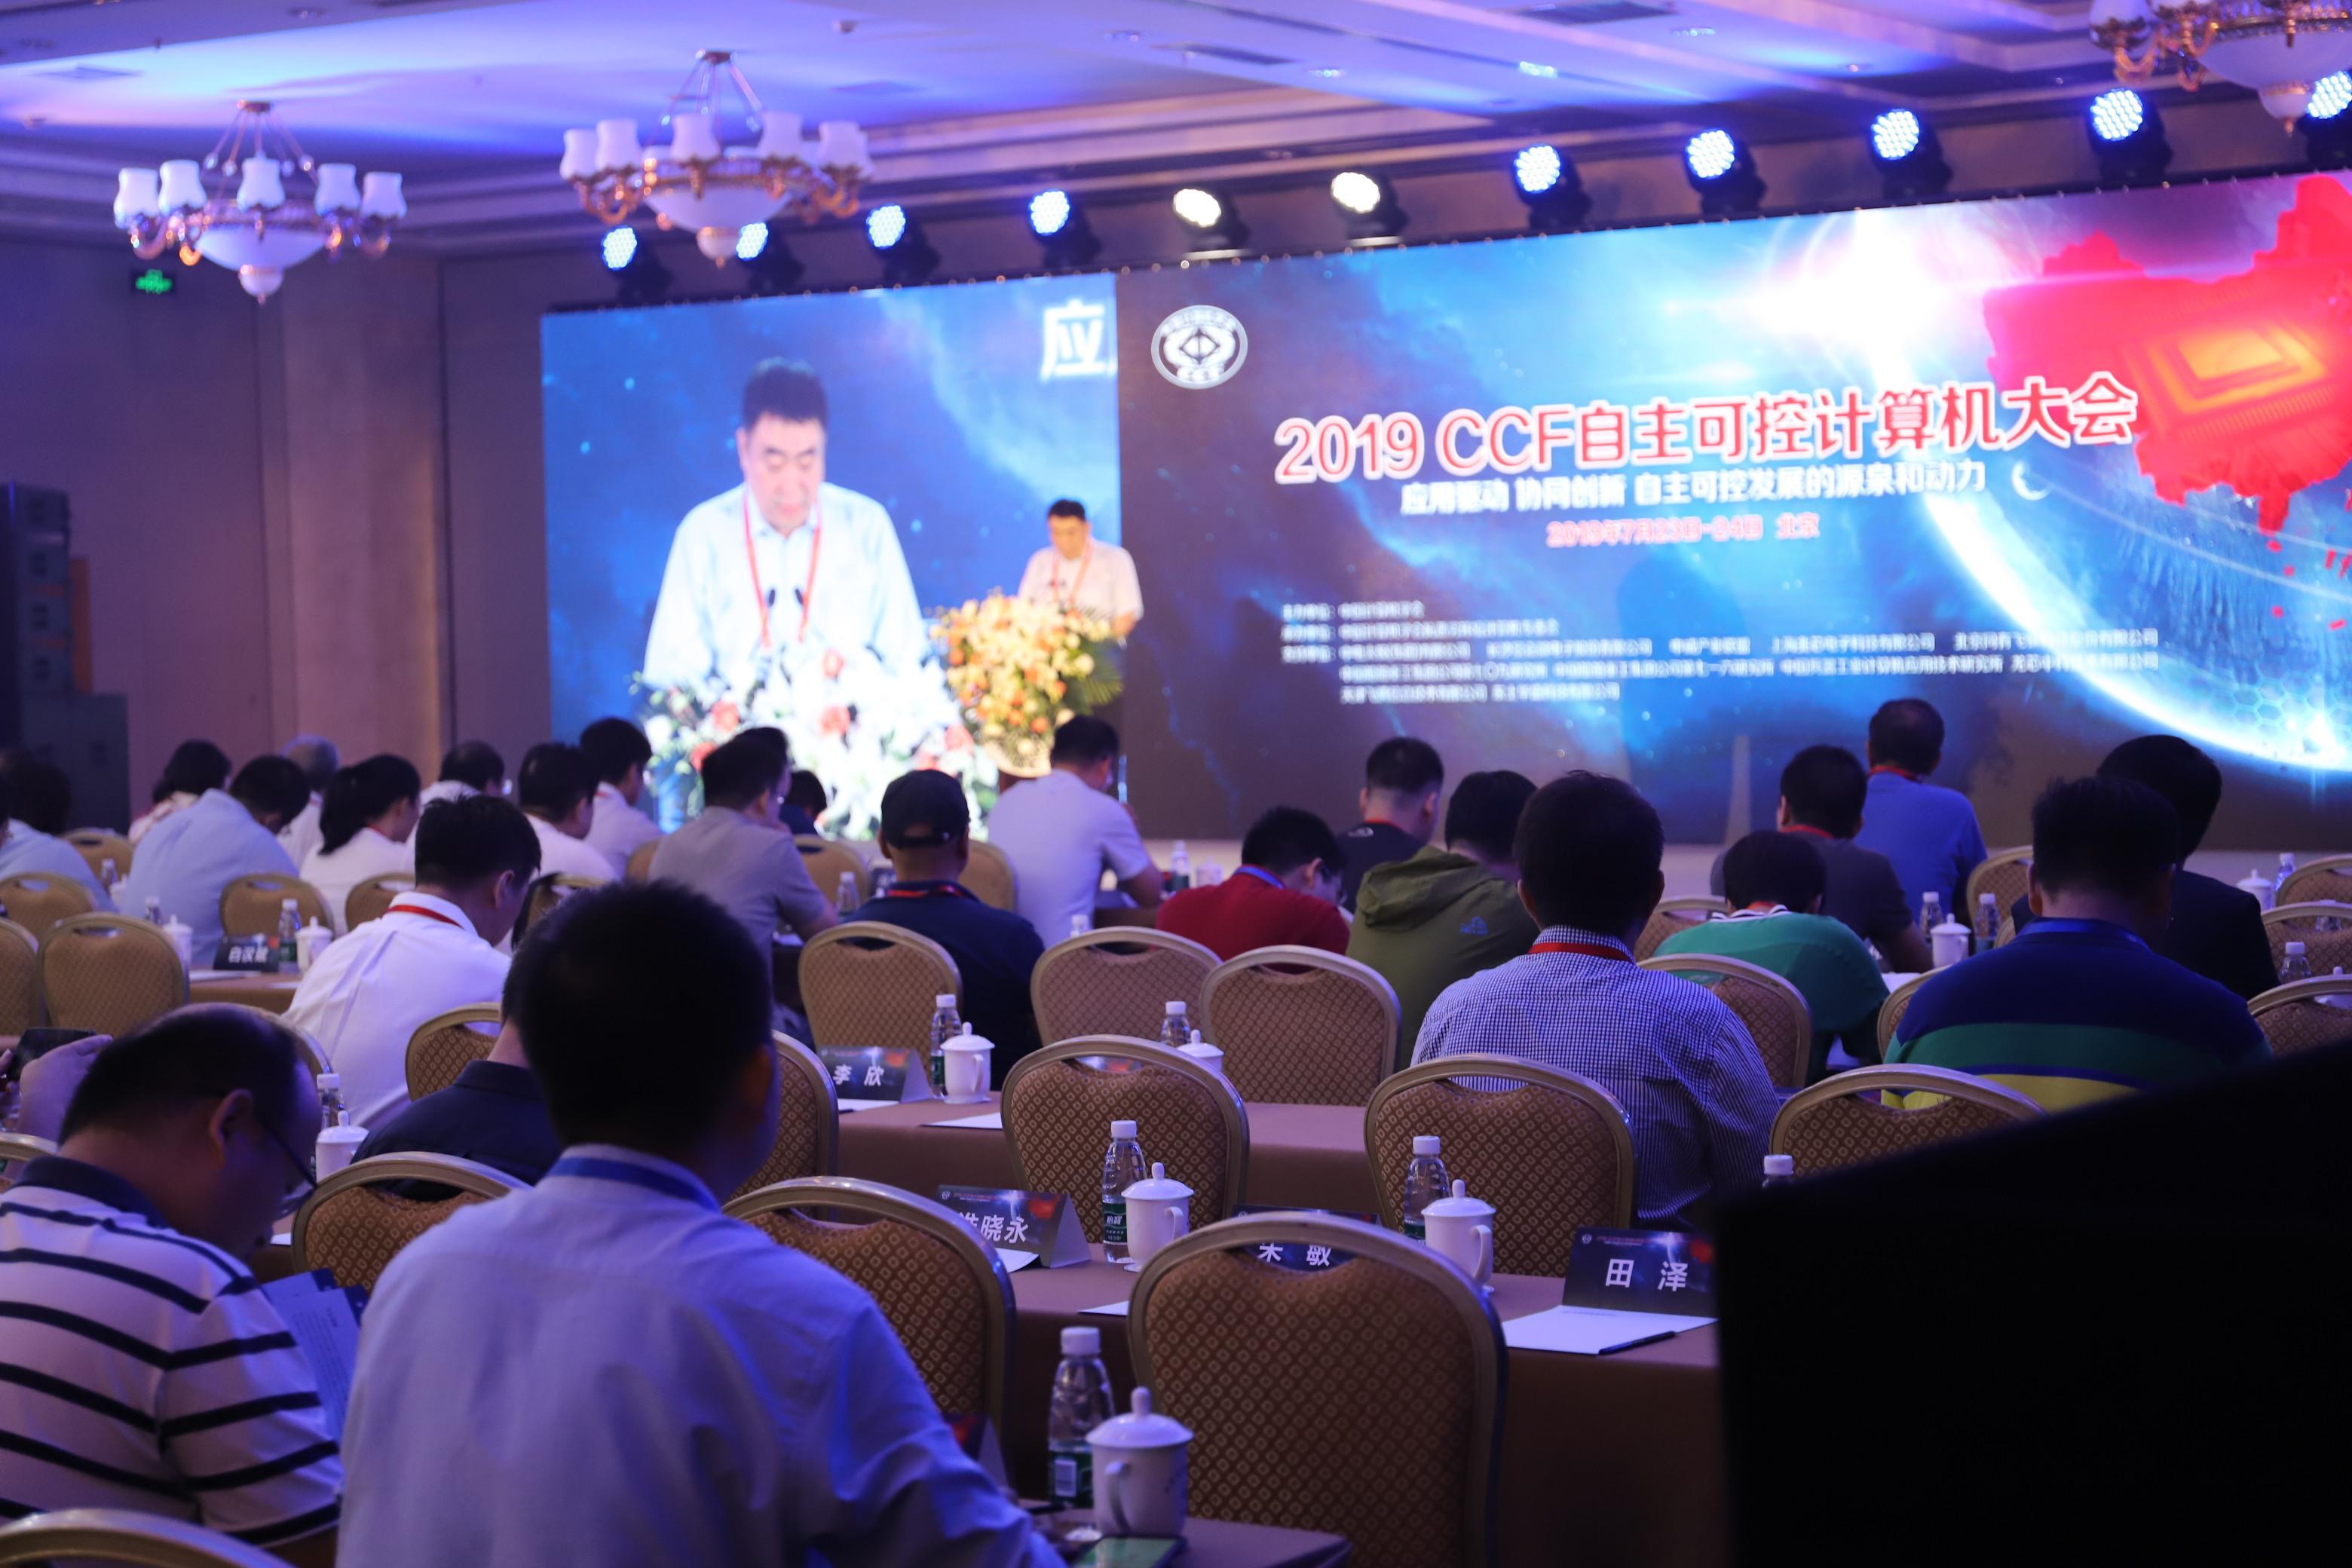 公司参加2019 CCF自主可控计算机大会